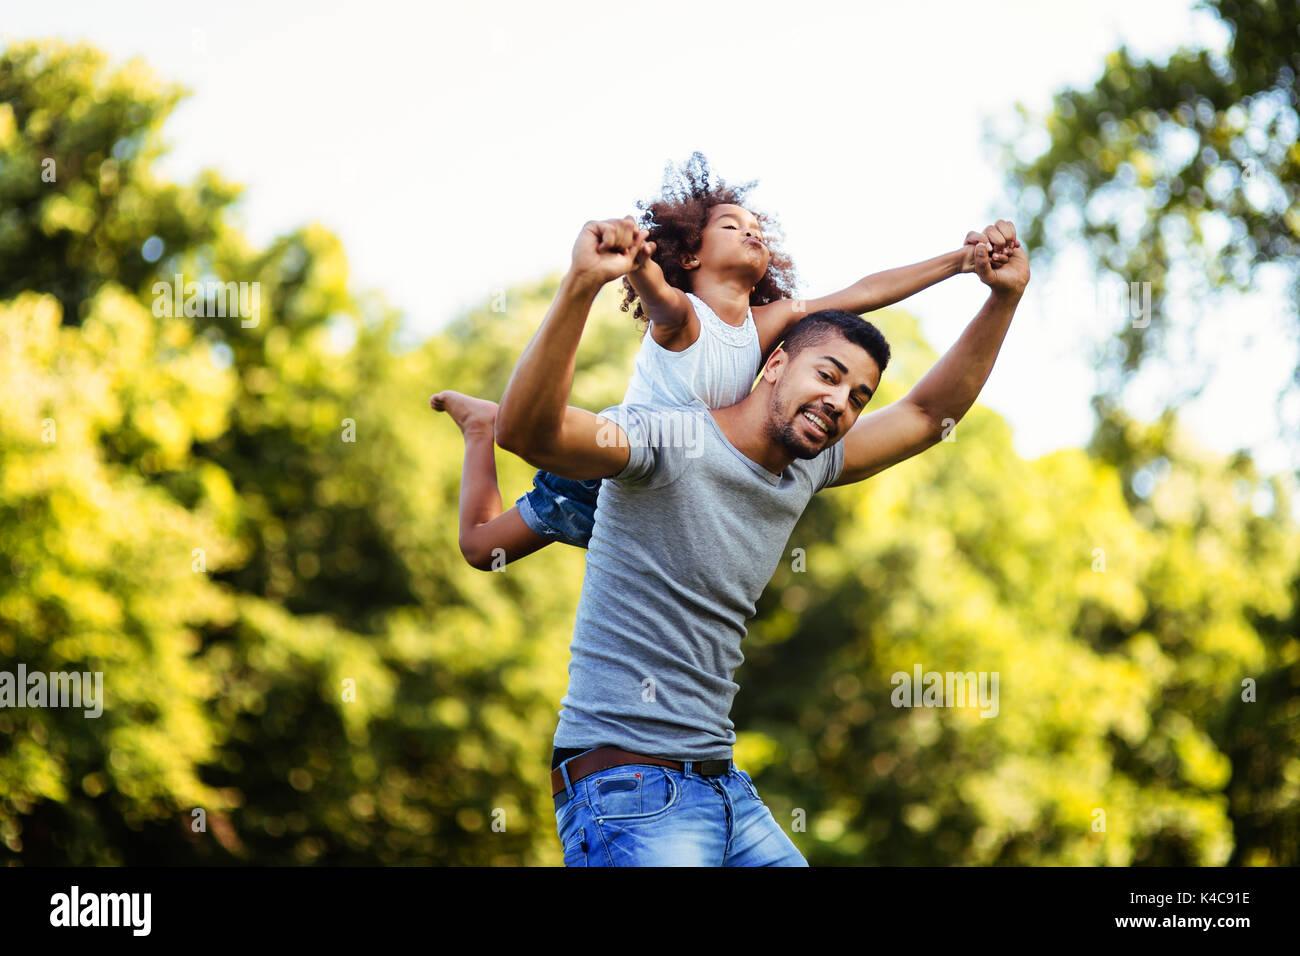 Retrato de joven padre llevar a su hija en la espalda Imagen De Stock